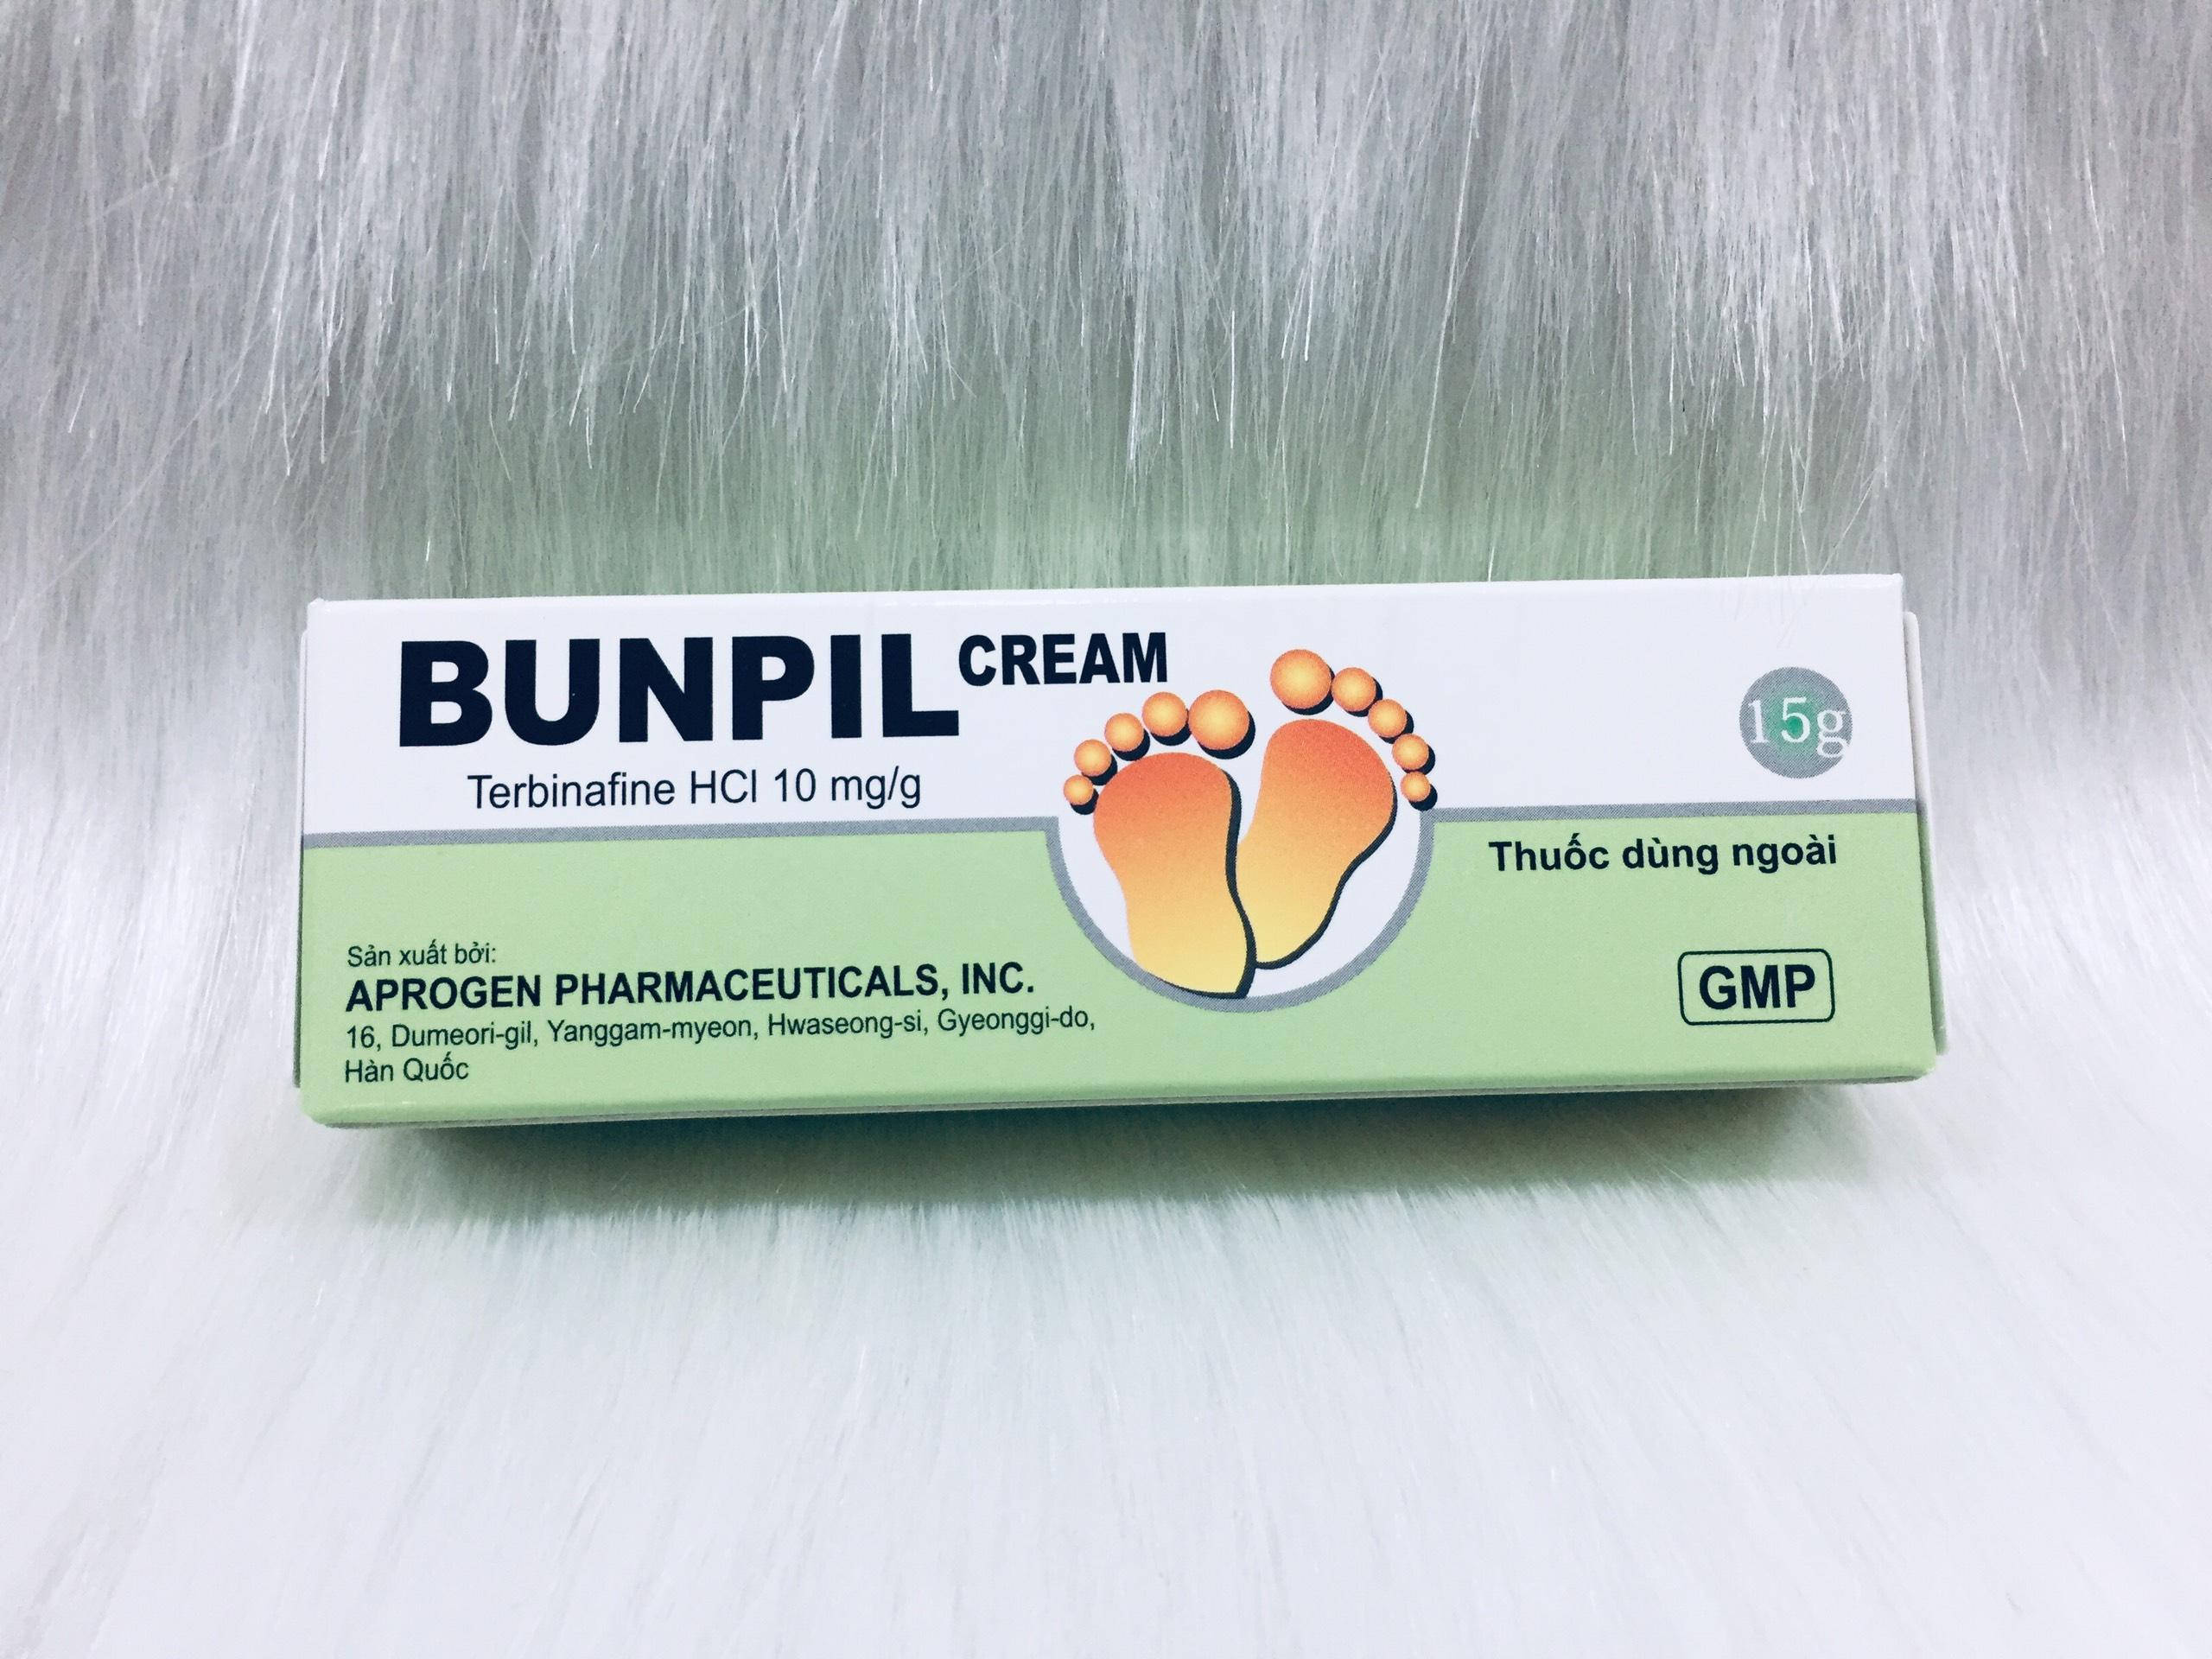 Bunpil cream